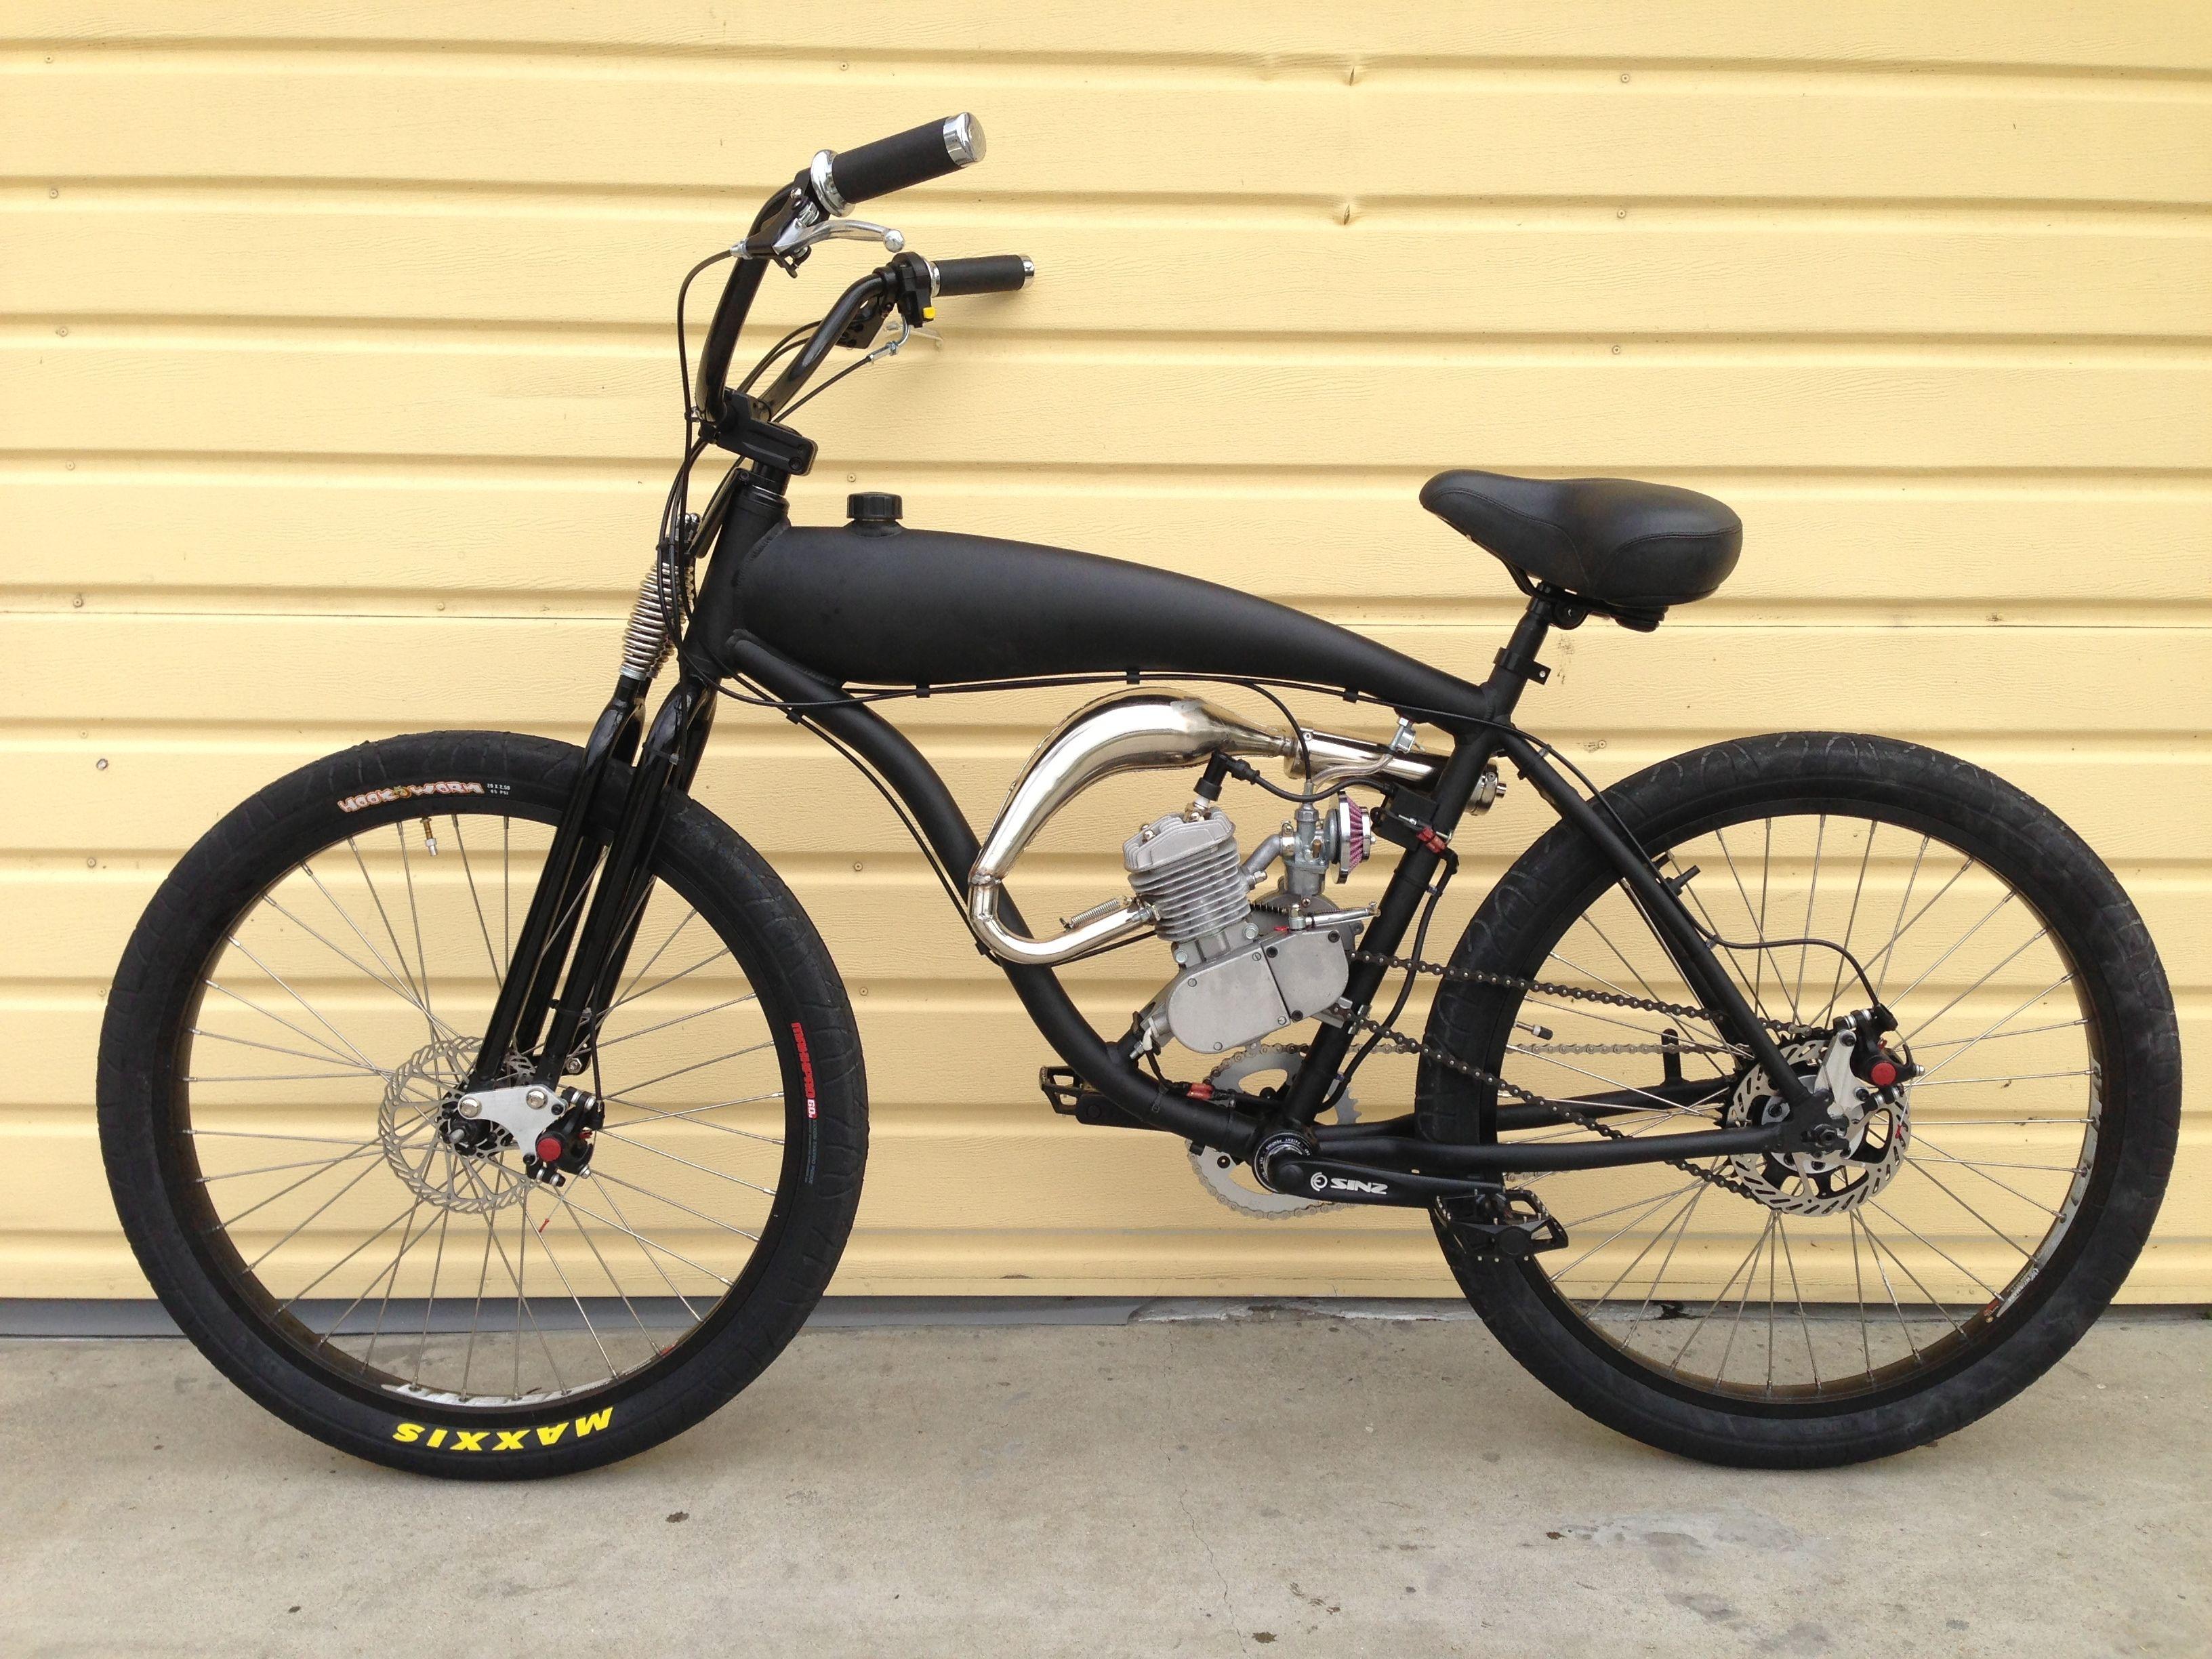 motorised bike - Motorized Bicycle Frame